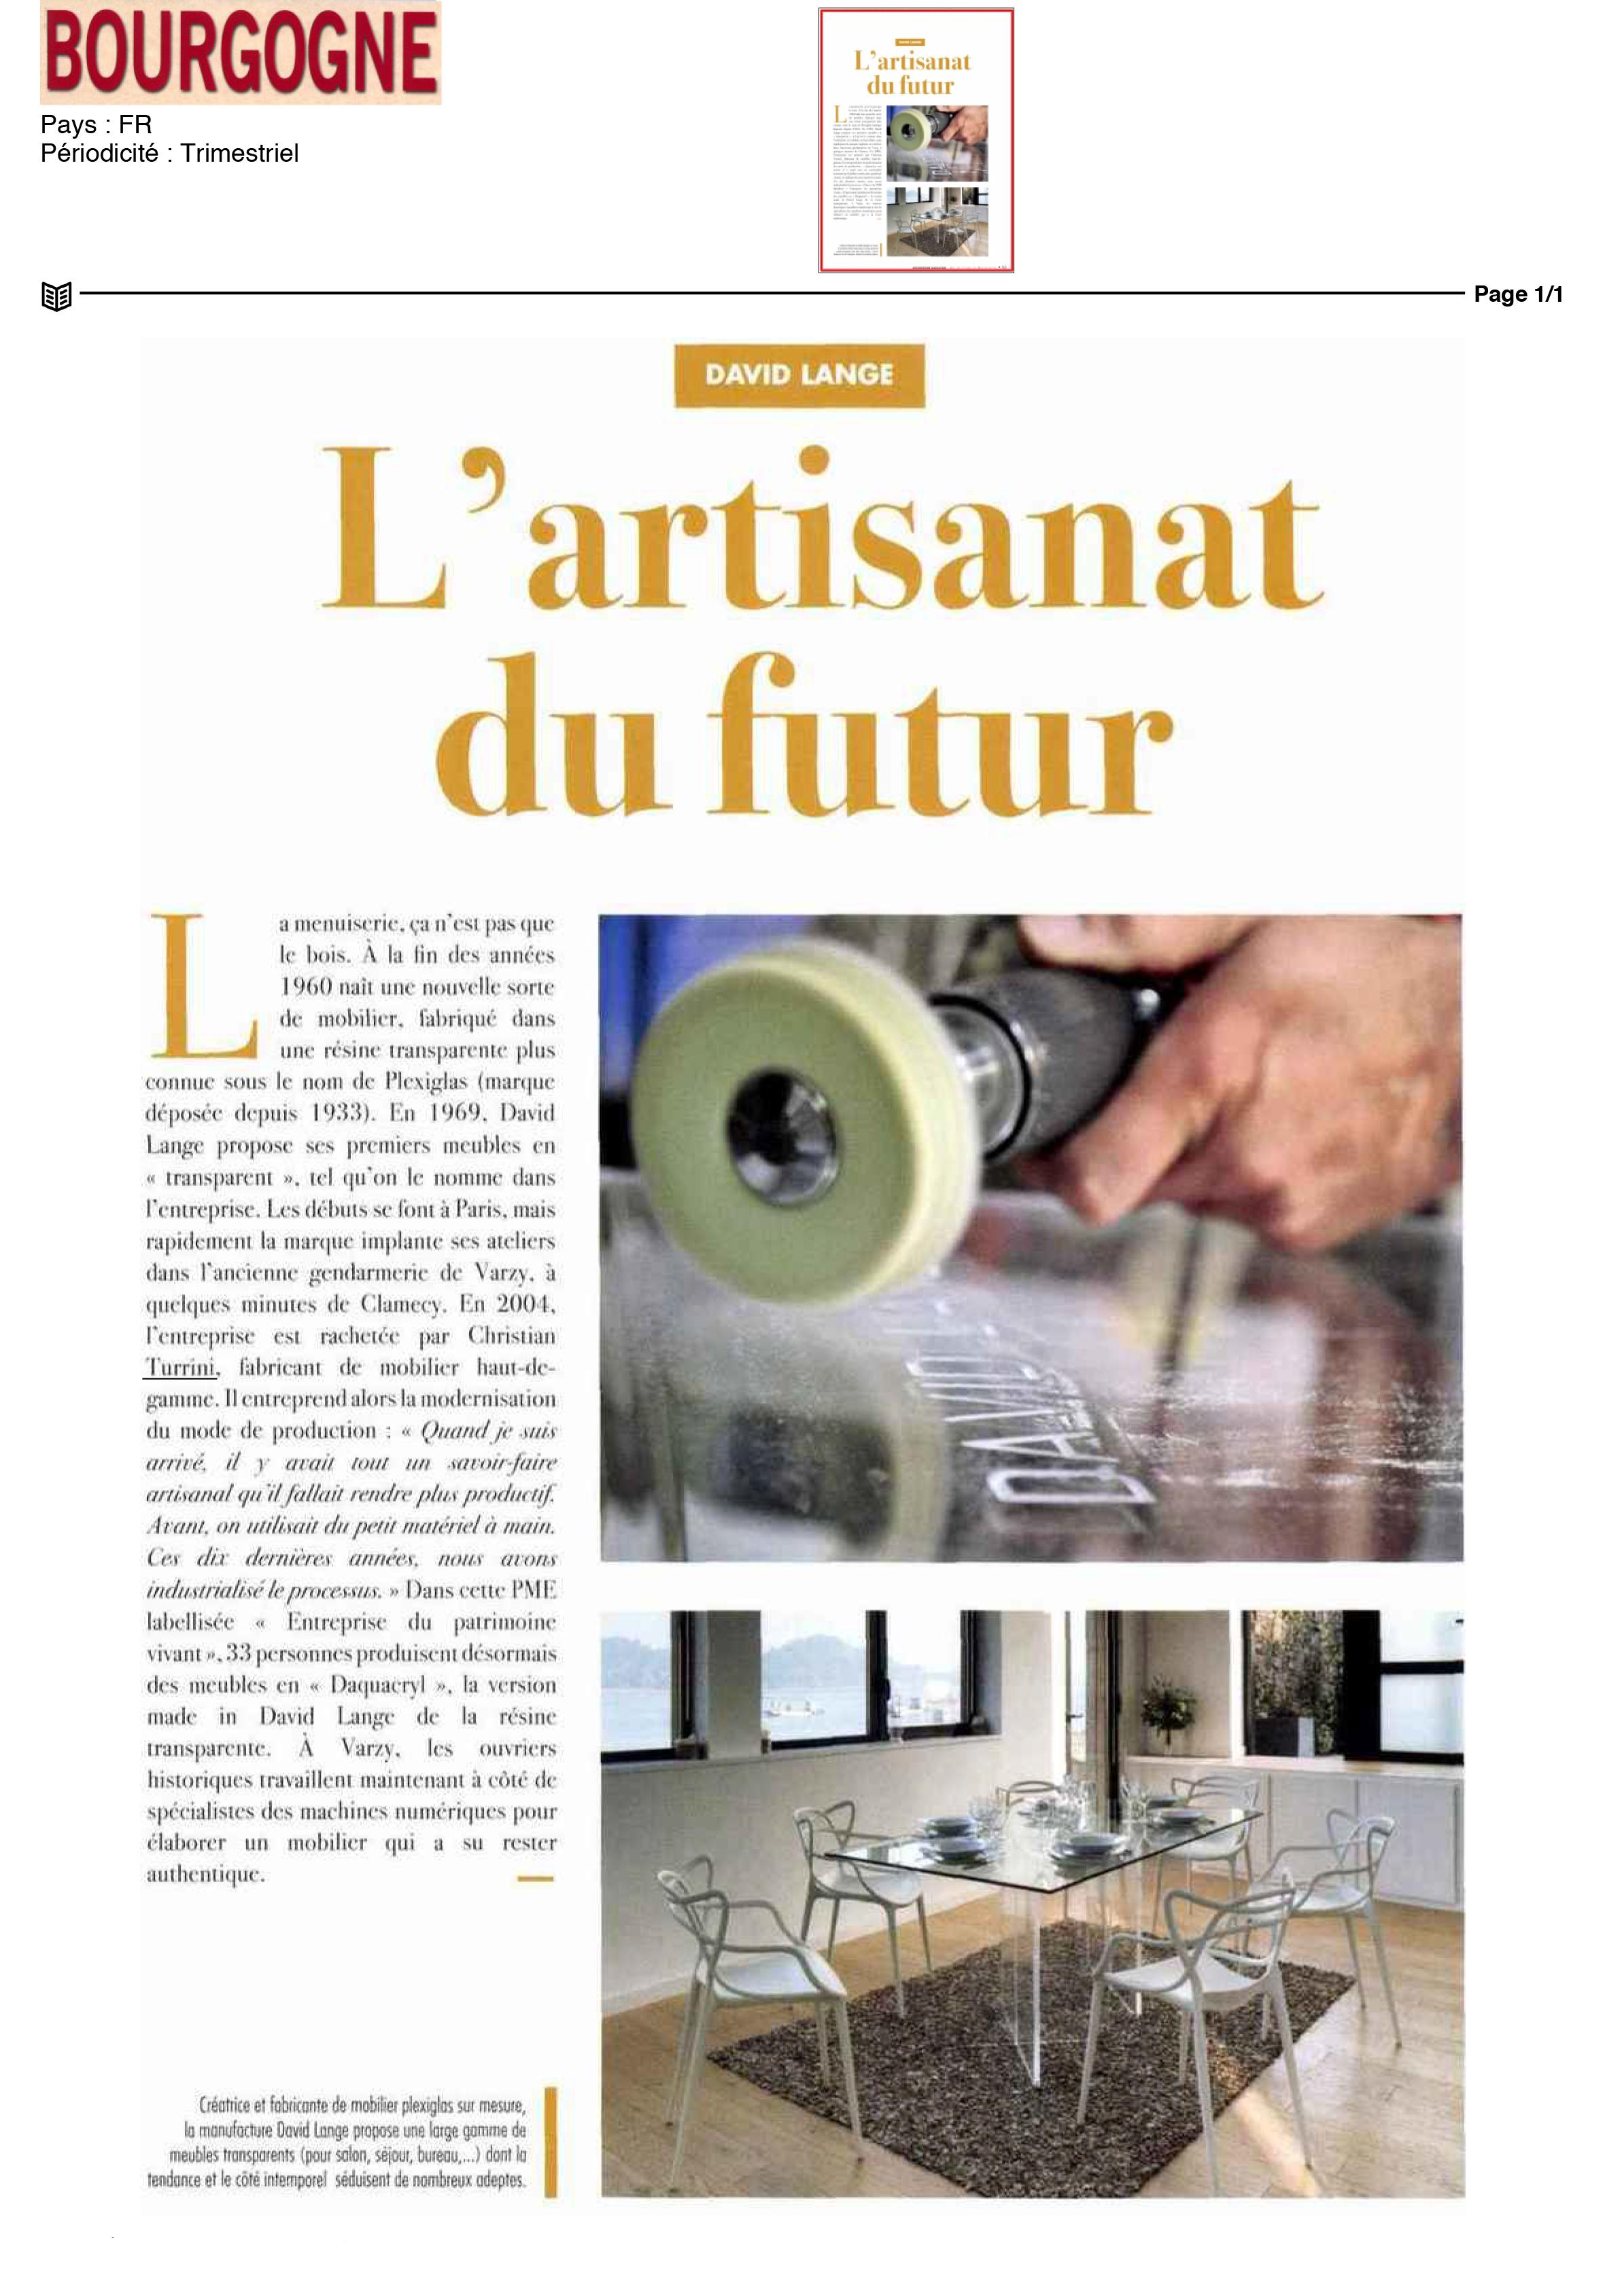 L'artisanat du futur